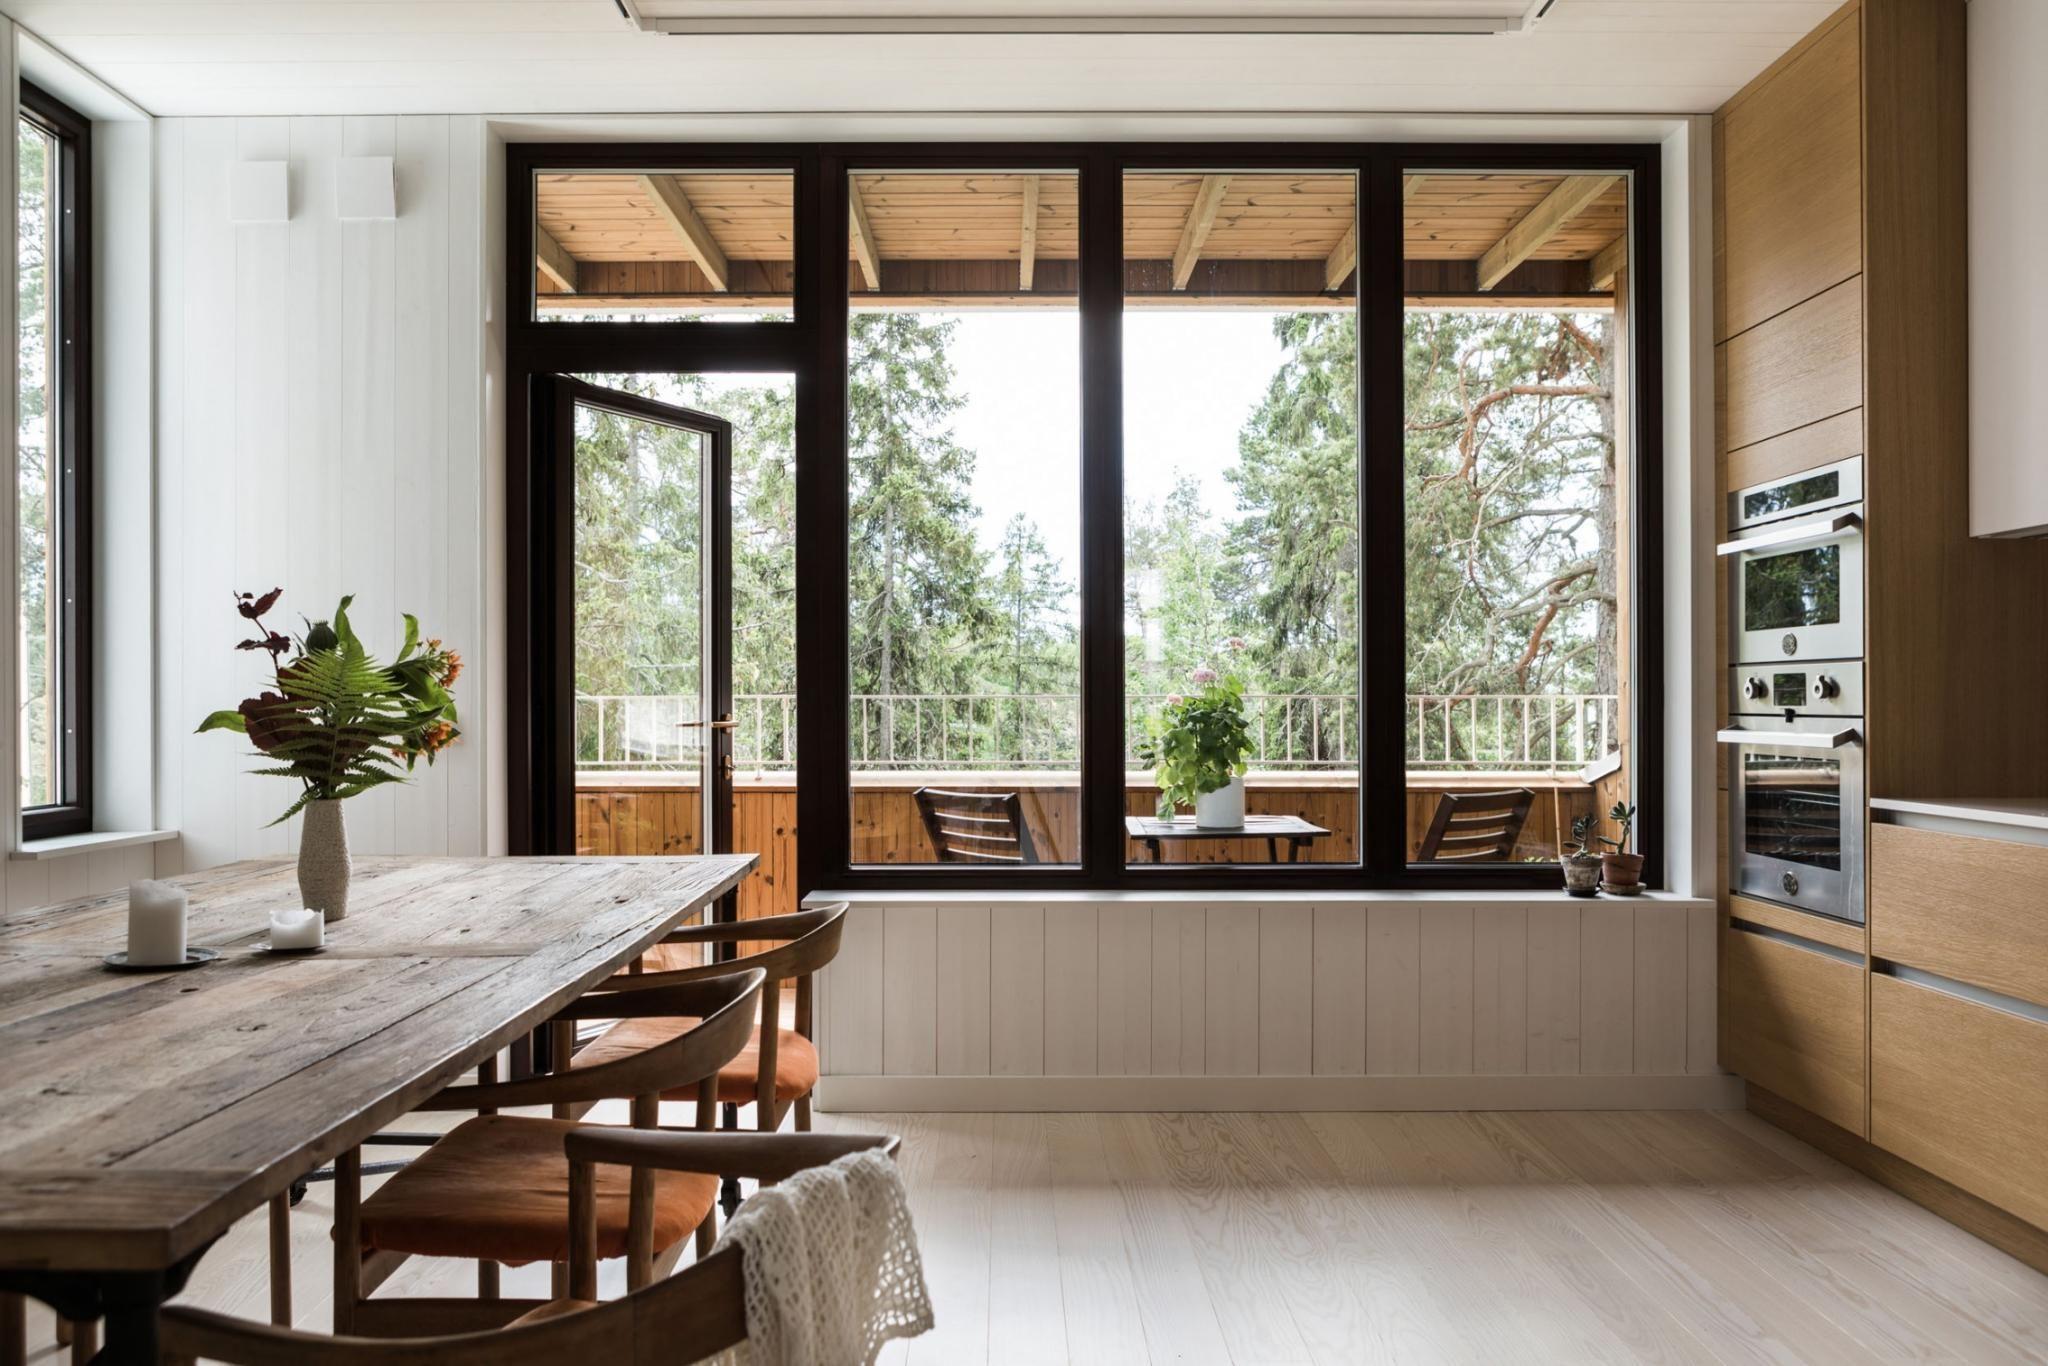 Une maison contemporaine en bois avec patio | Inspiration maison ...